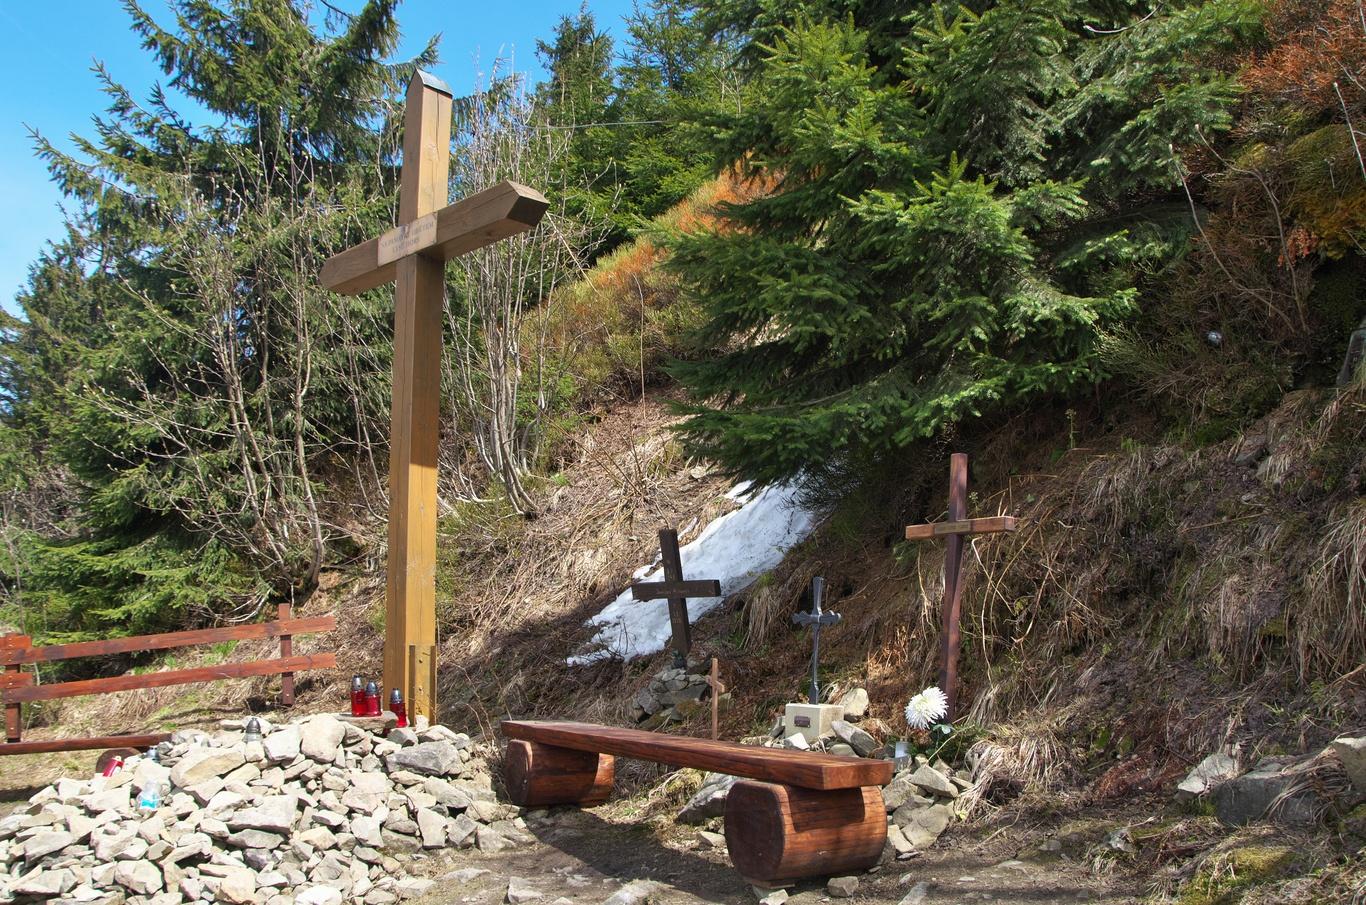 Památník lysohorským obětem